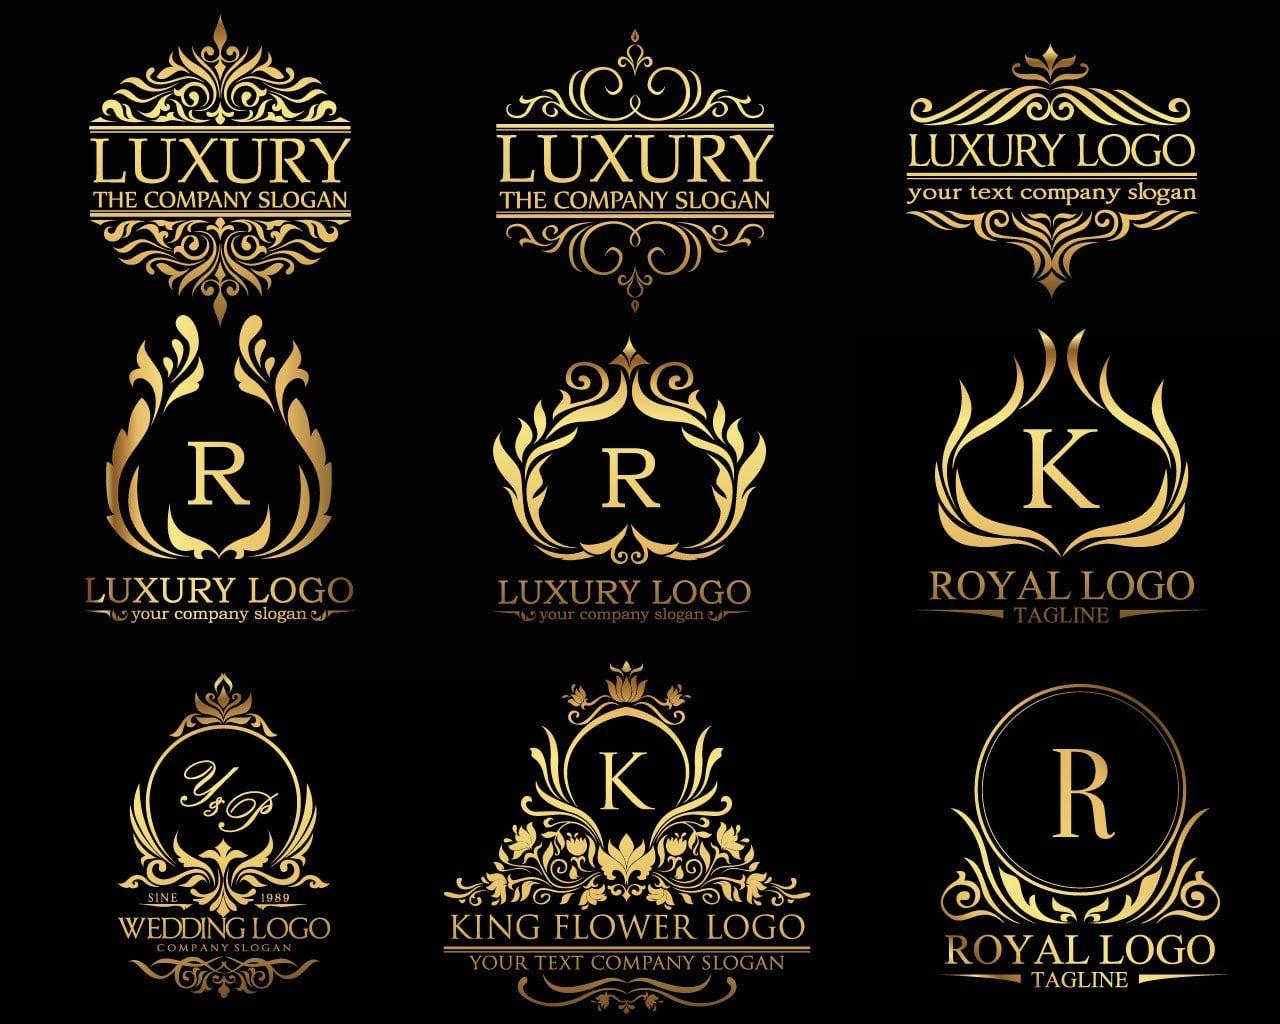 design luxury classic royal logo Royal logo, Luxury logo